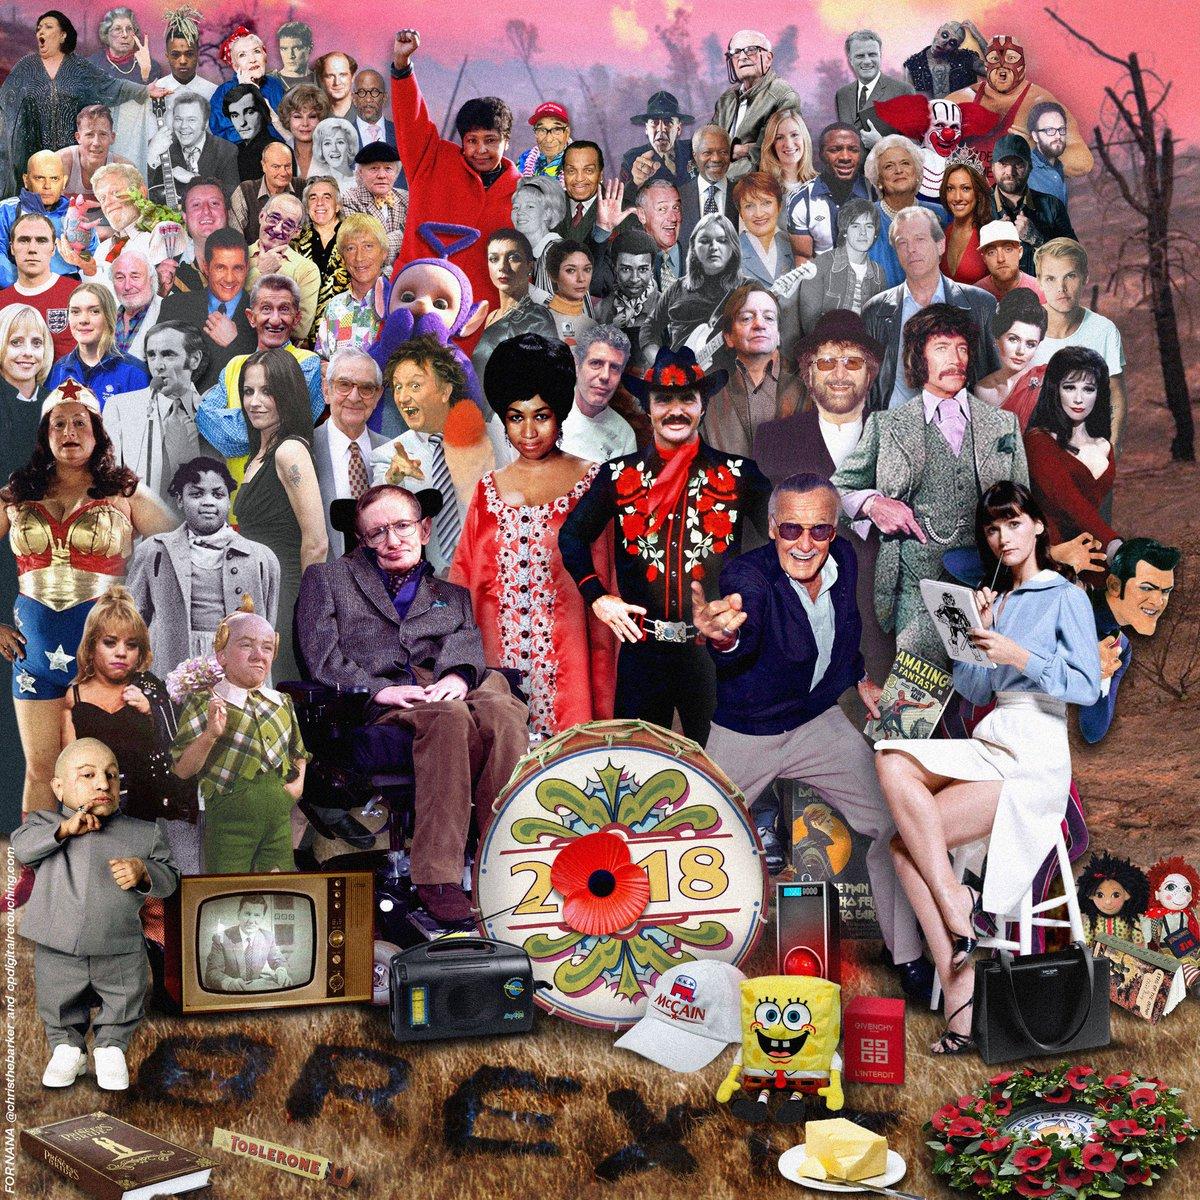 """The Beatles Polska: Chris The Barker przygotował nową okładkę """"Sgt. Pepper's Lonely Hearts Club Band"""""""